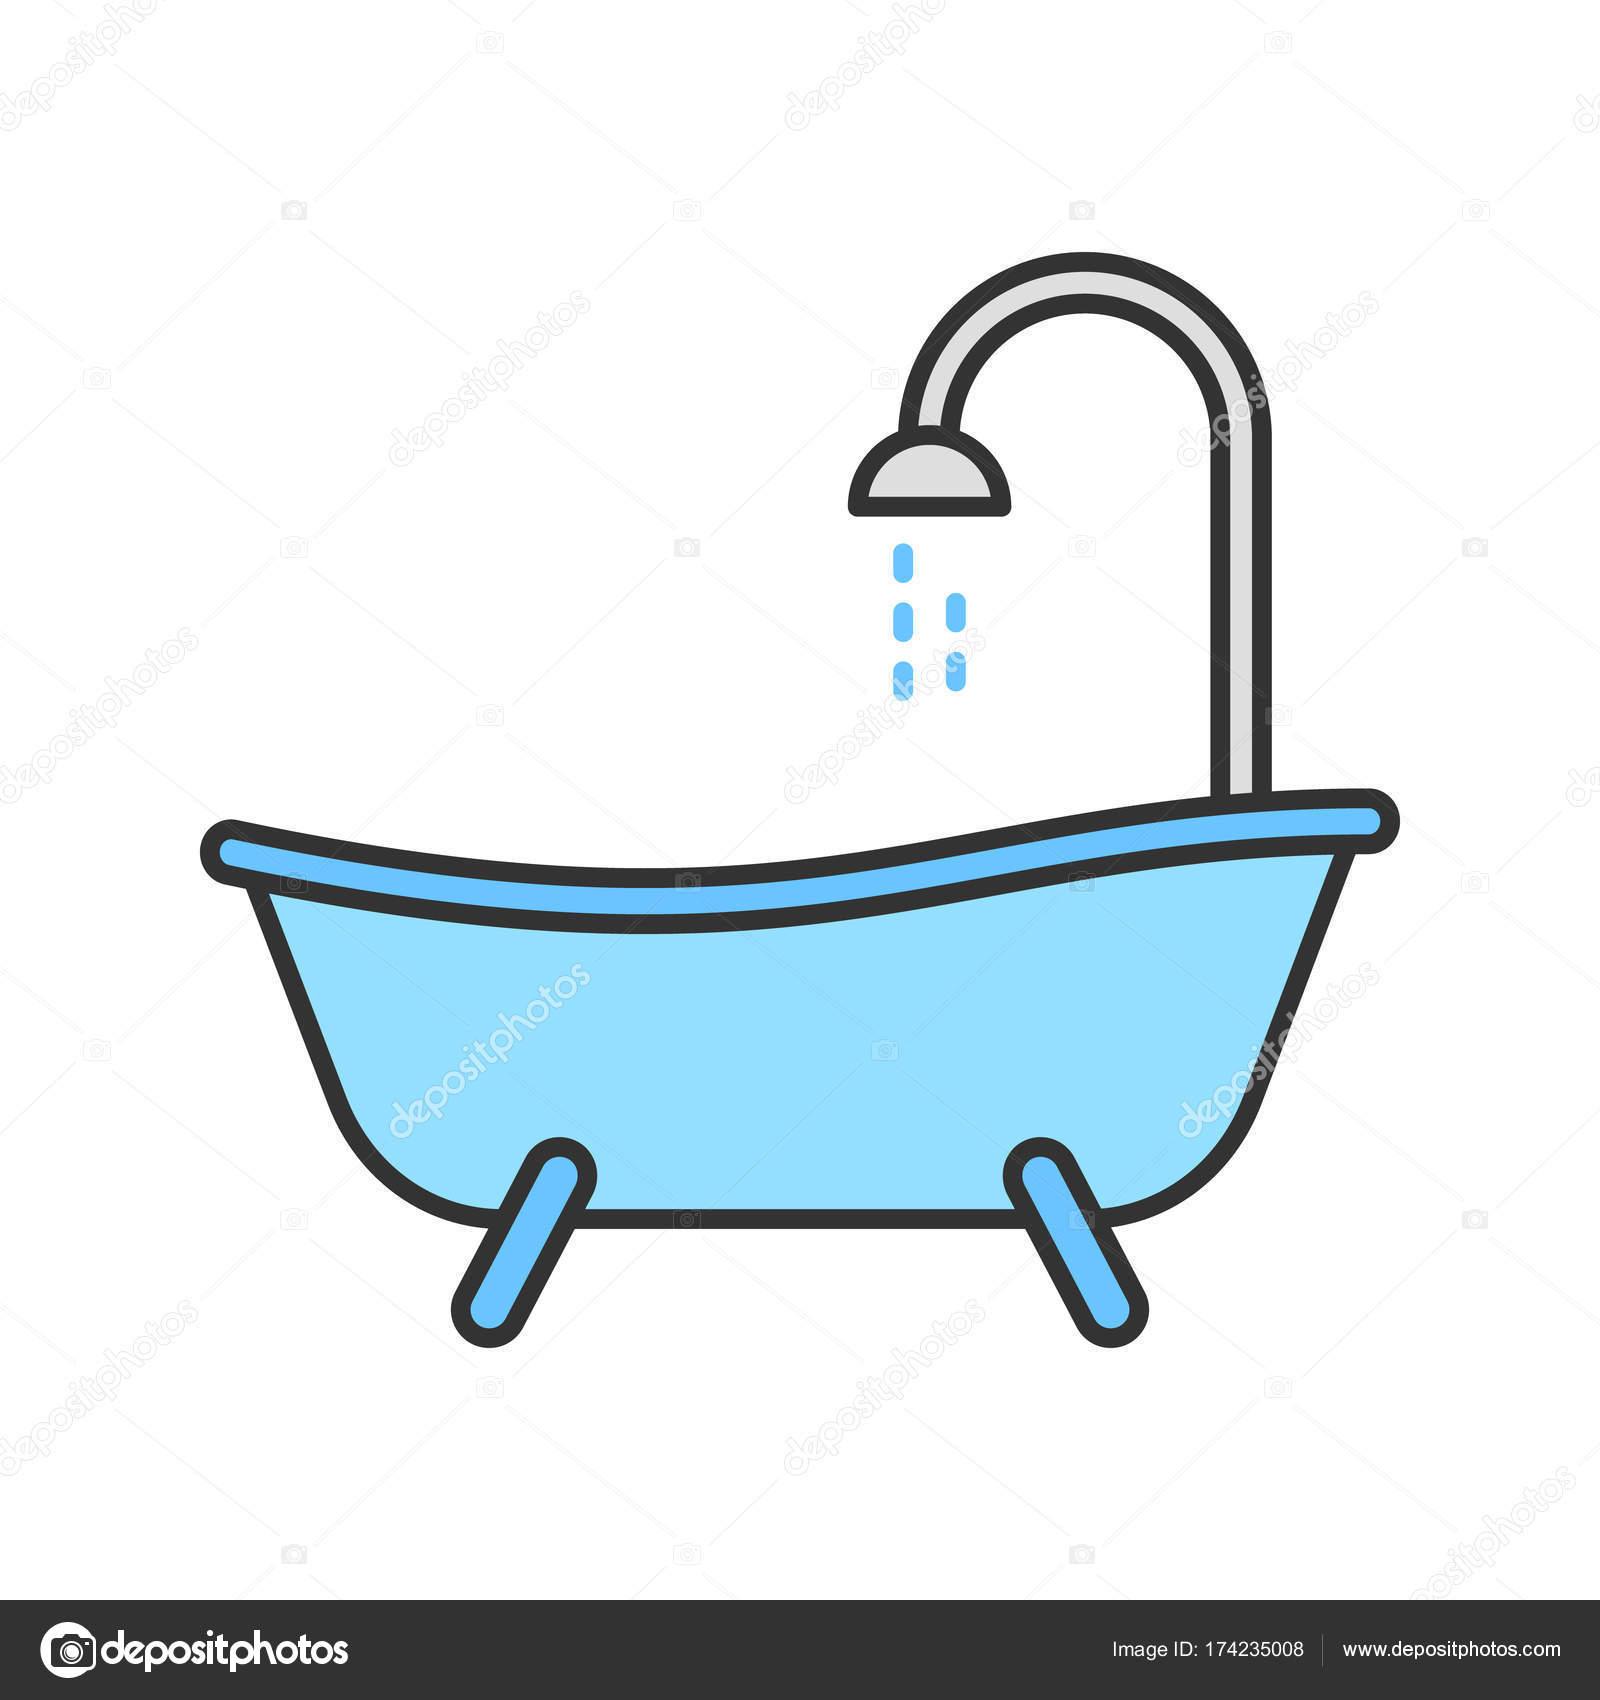 Bathtub color icon — Stock Vector © bsd #174235008